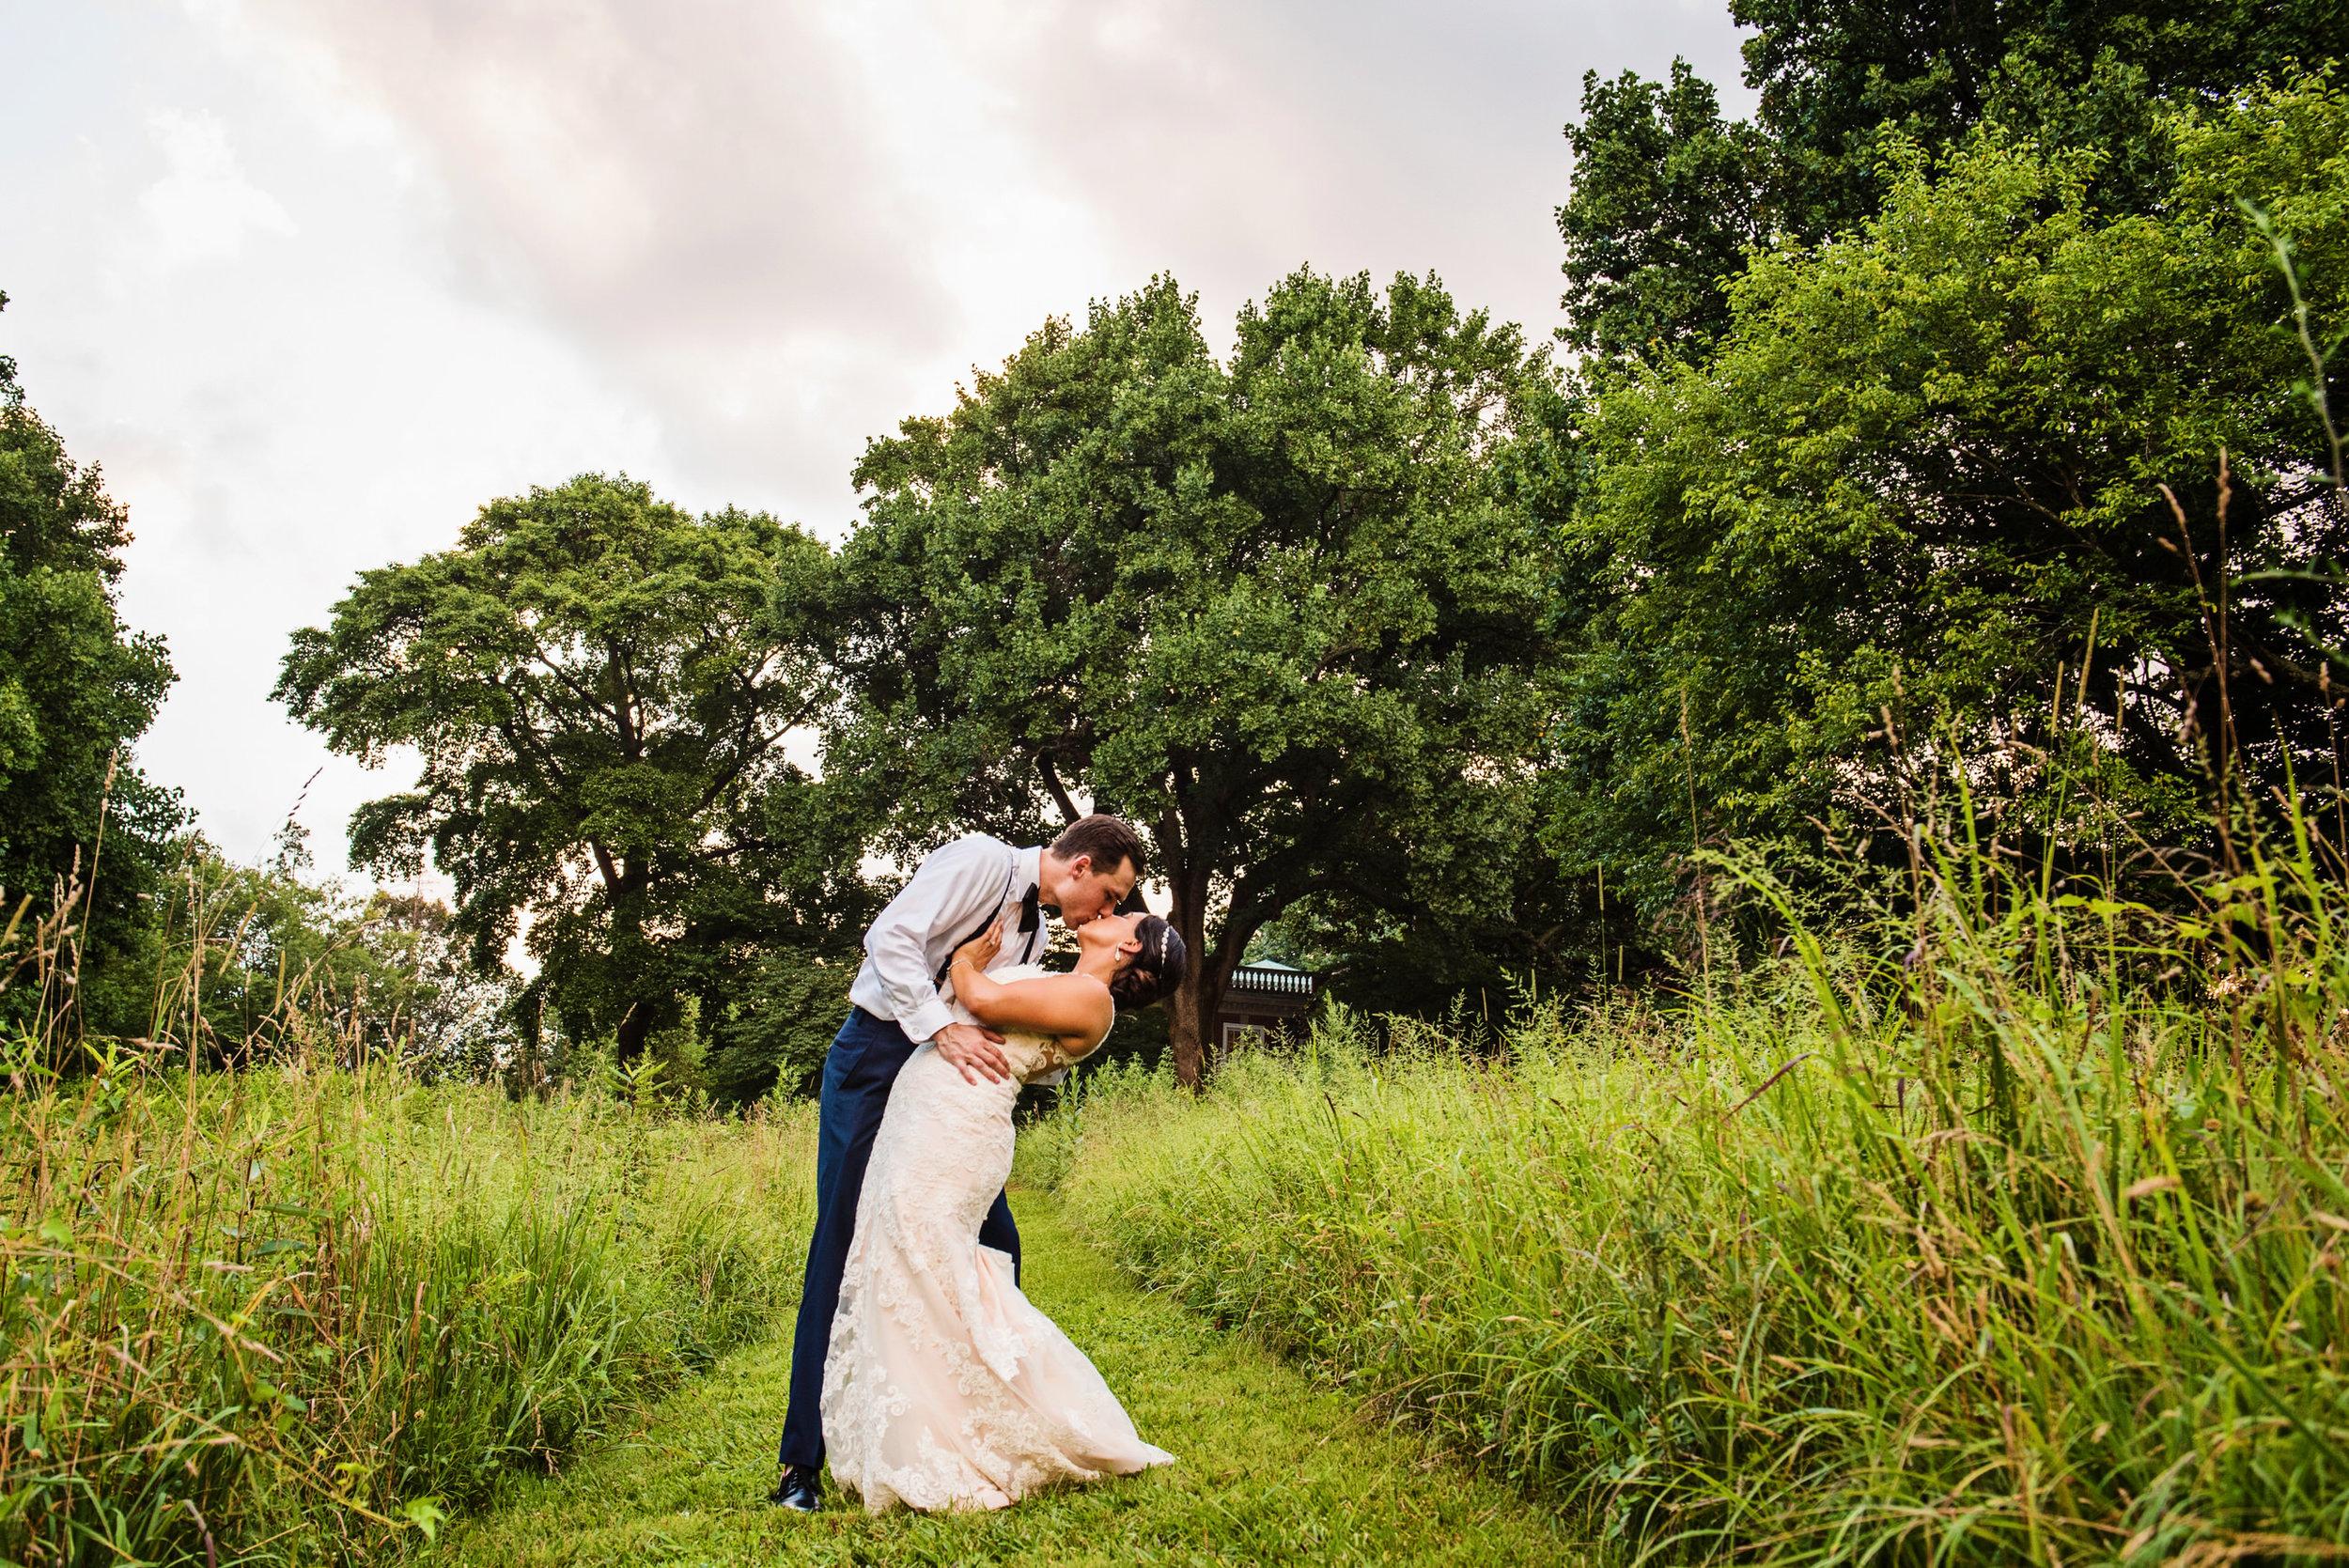 WoodendSantuaryWedding-Ashley&Dennis-1026.JPG